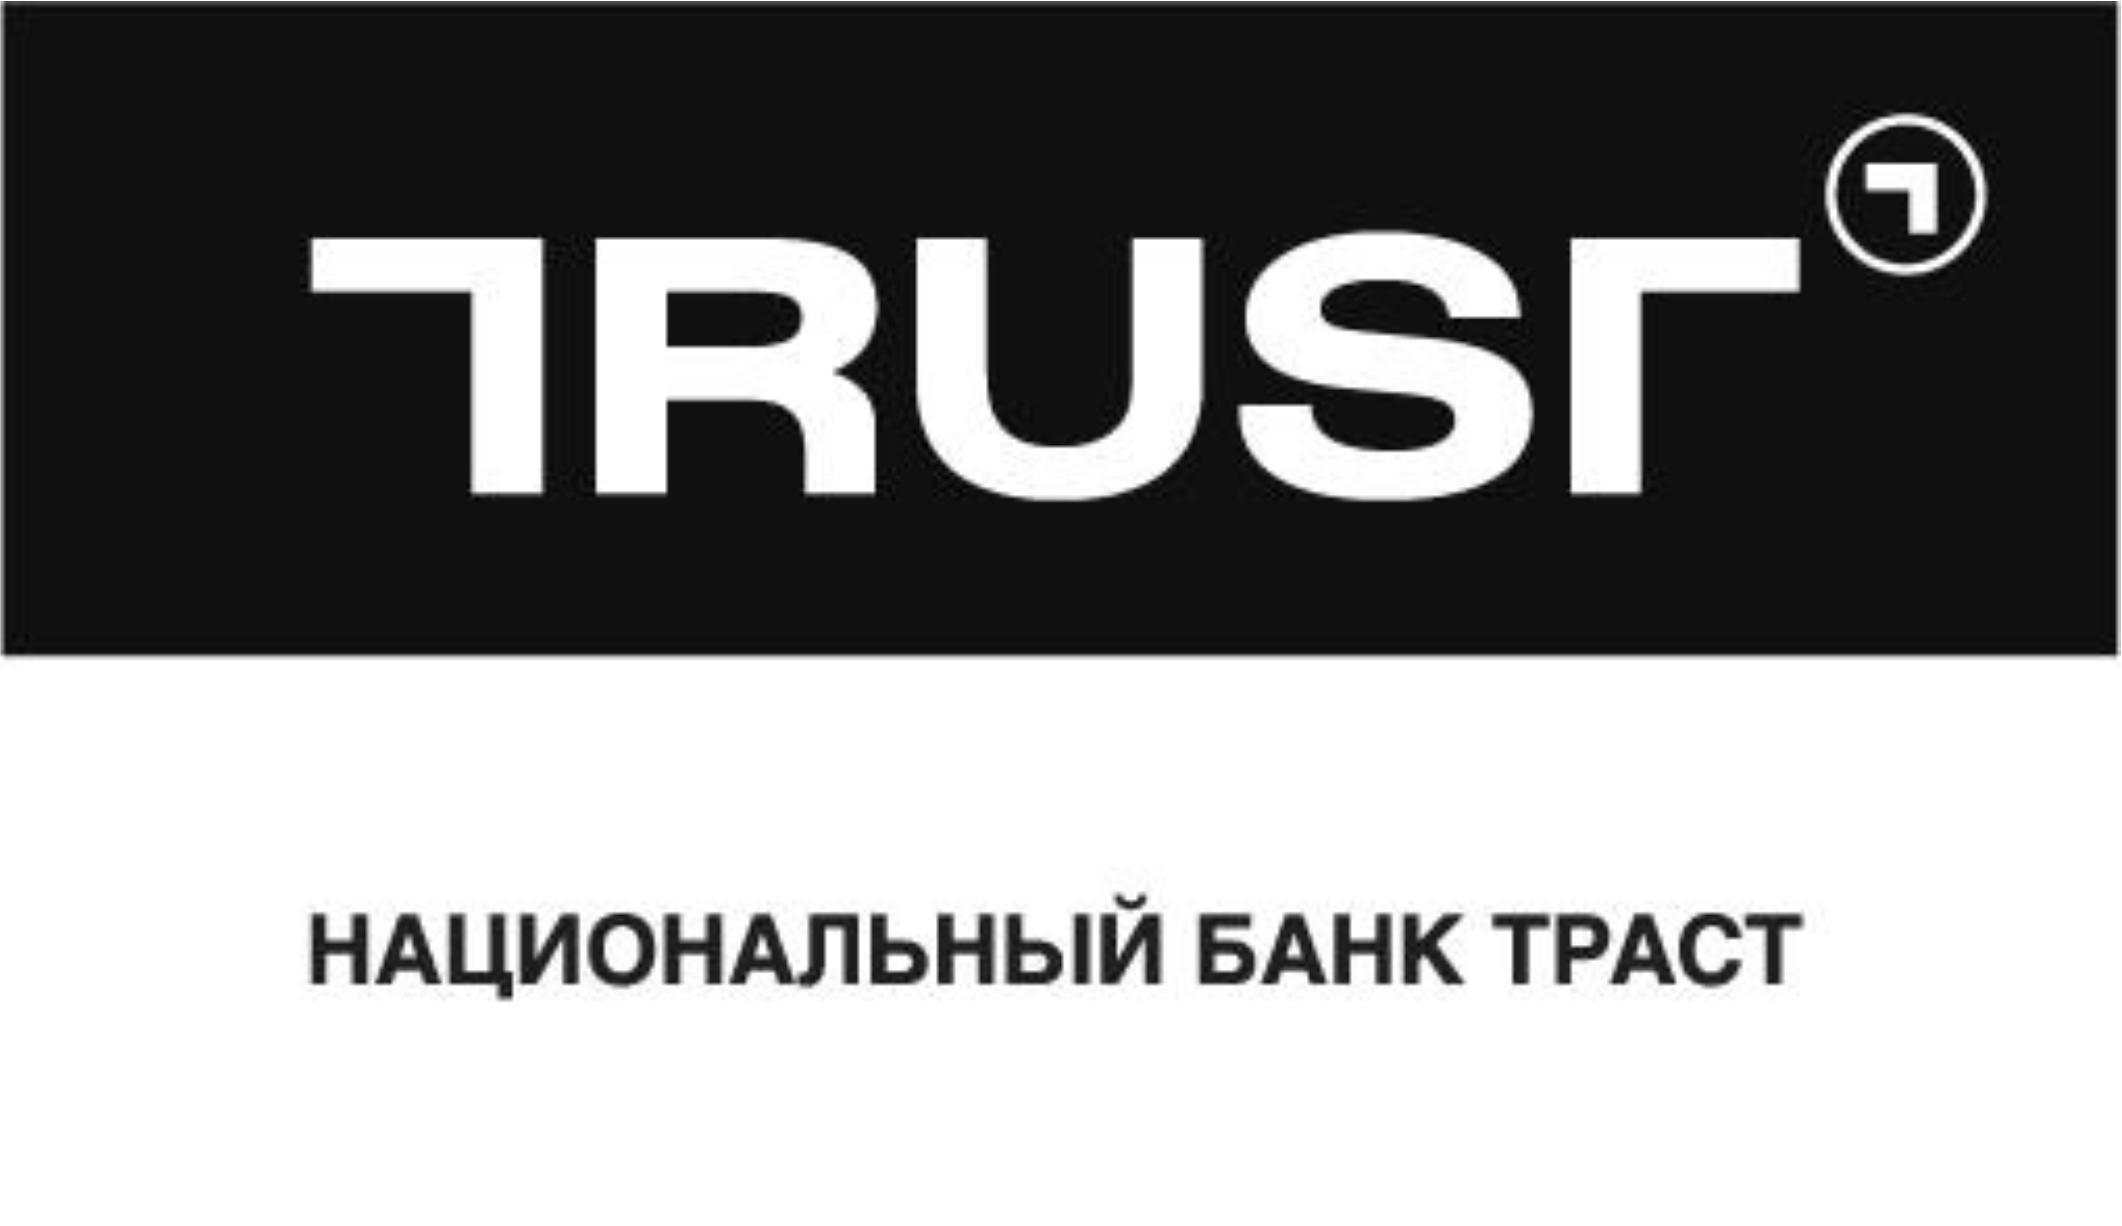 Праздничный день 6 июля для отделений банка «ТРАСТ», расположенных в республике Адыгея - БАНК «ТРАСТ»